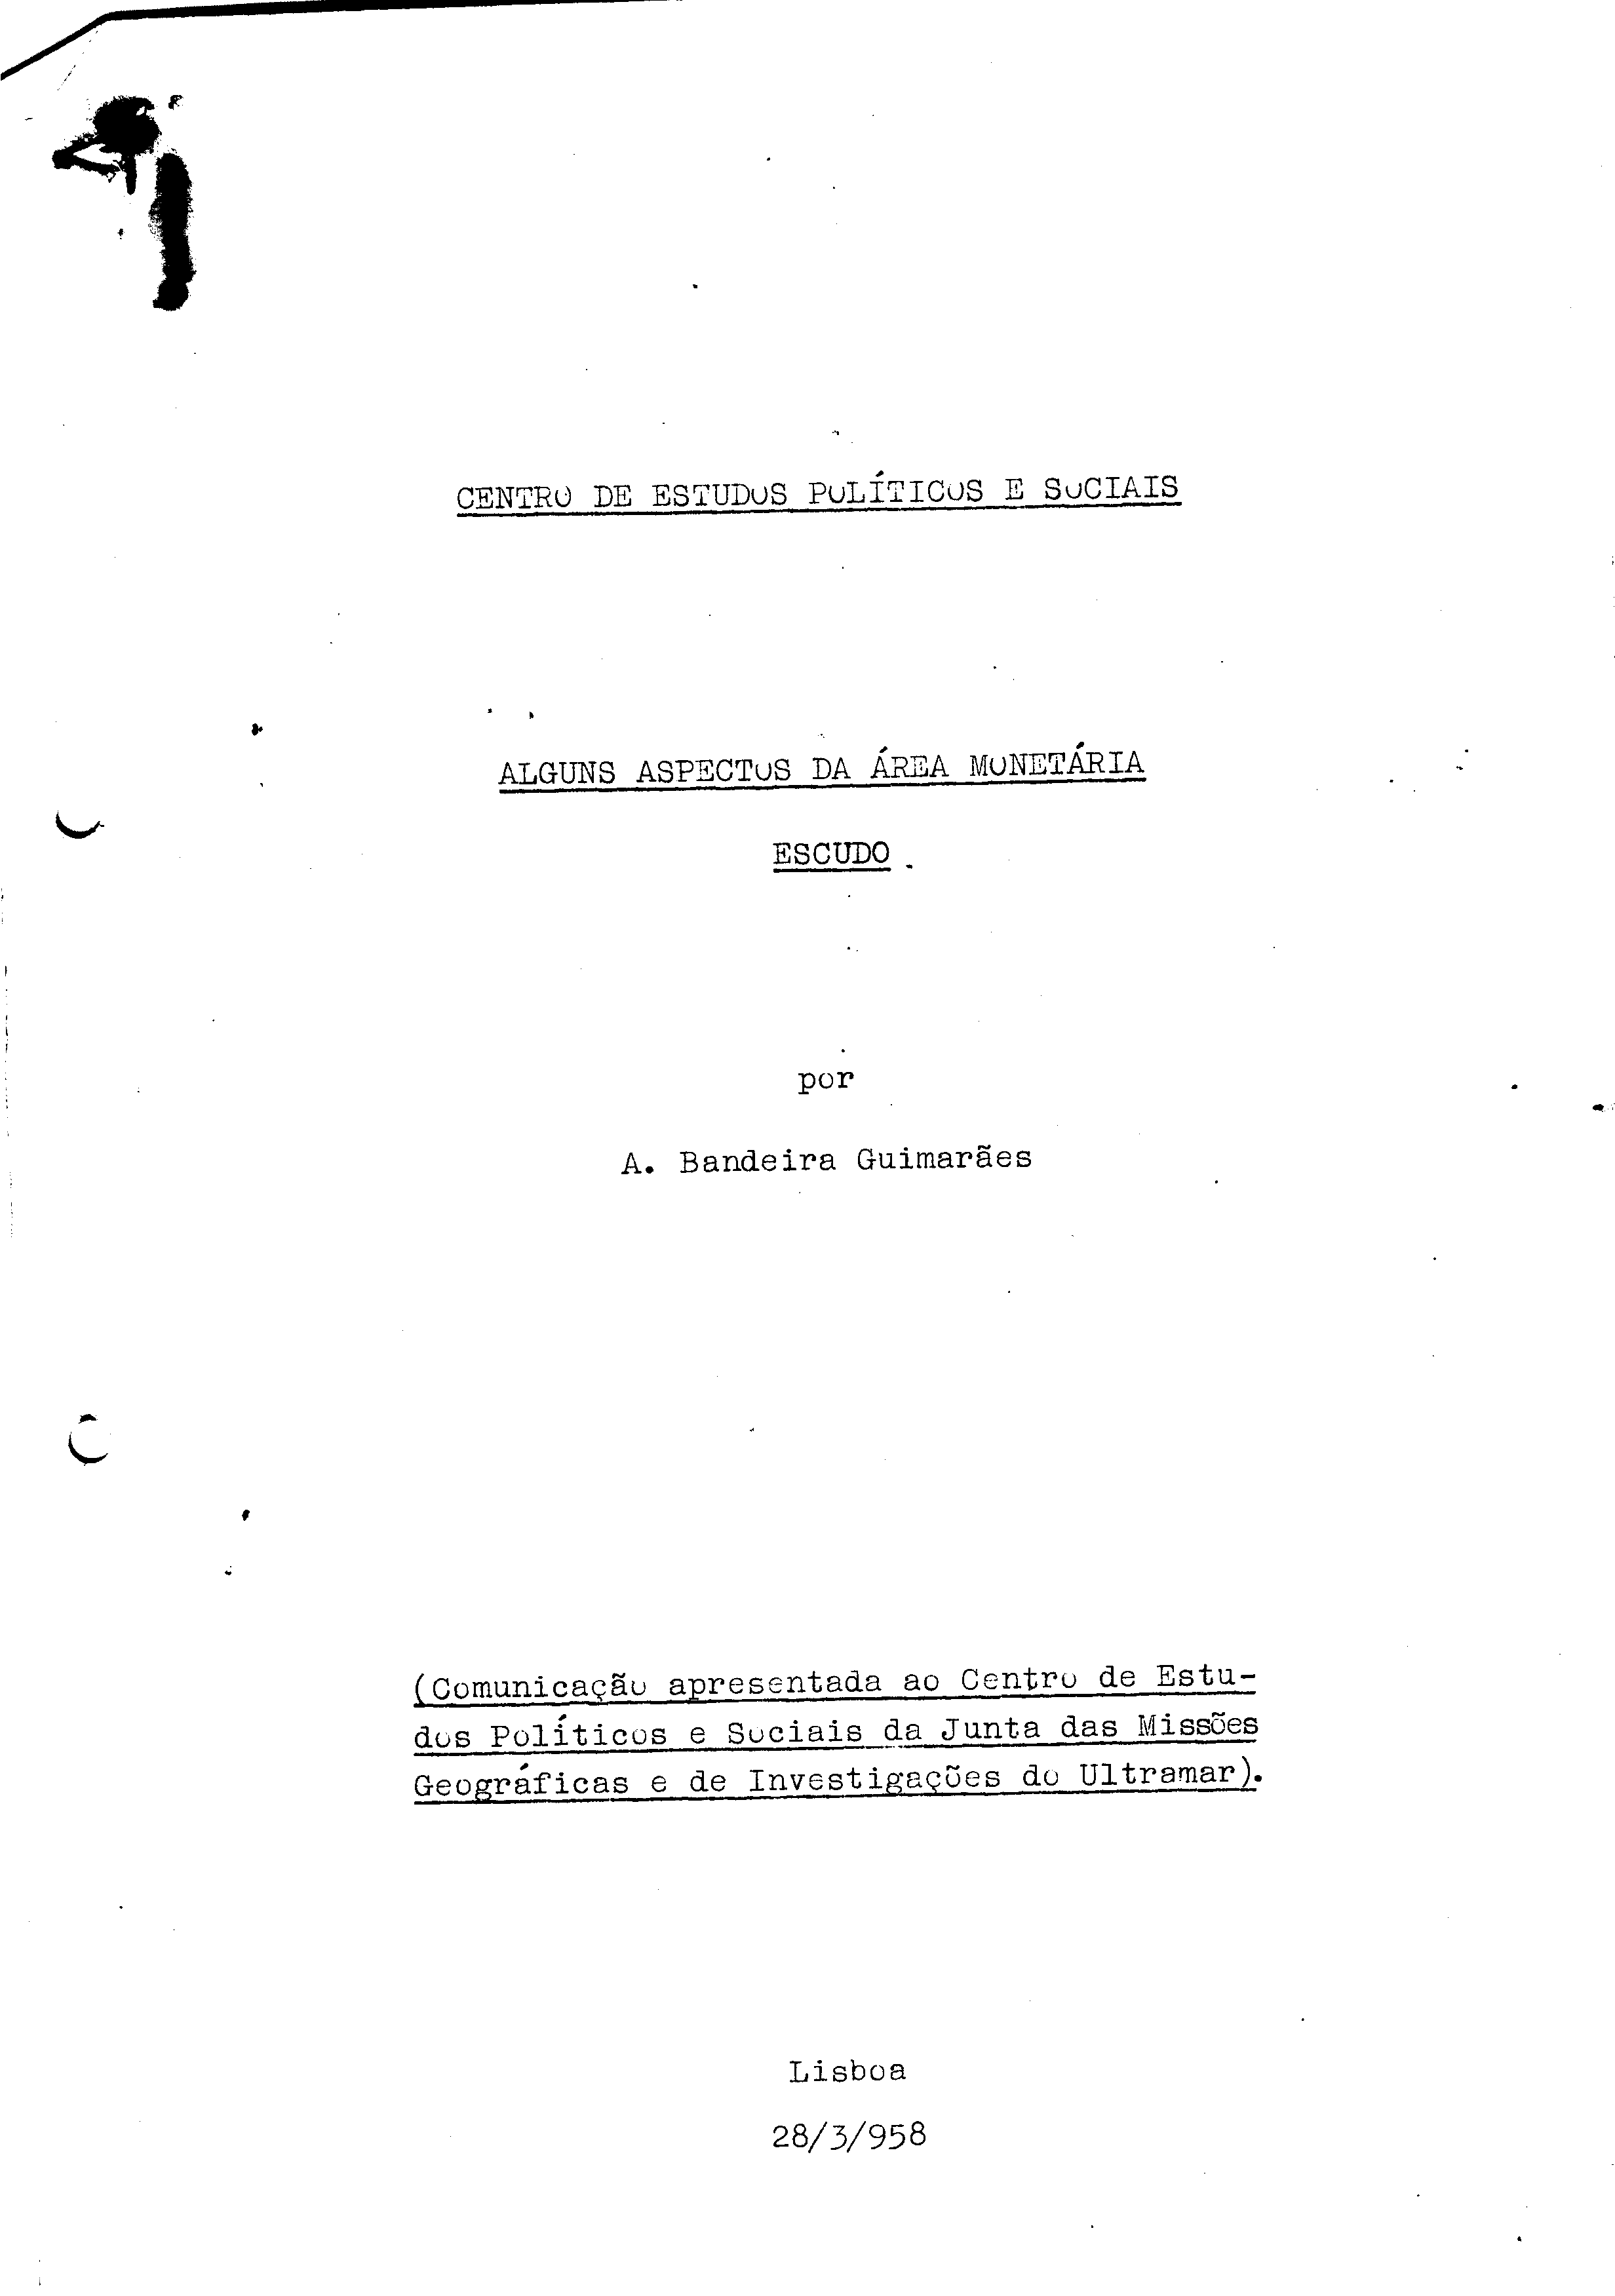 02581.003- pag.1